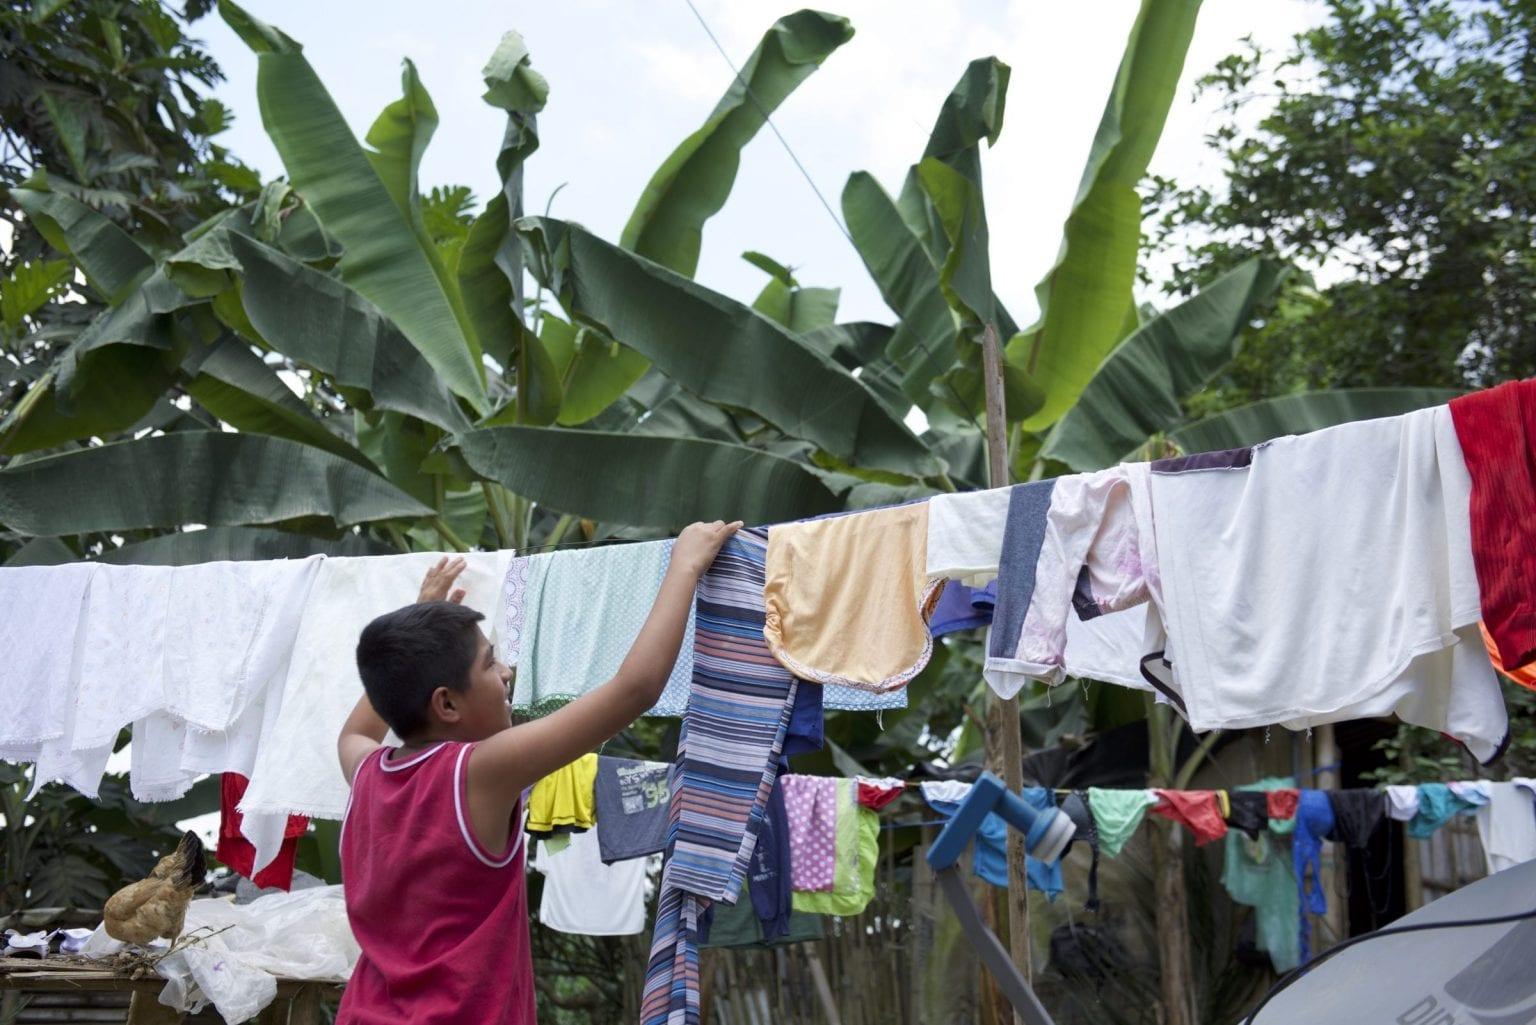 En dreng i landsbyen er omringet af banantræer. Pesticiderne påvirker både arbejdernes sundhed og befolkningen, der lever i banan-områderne.